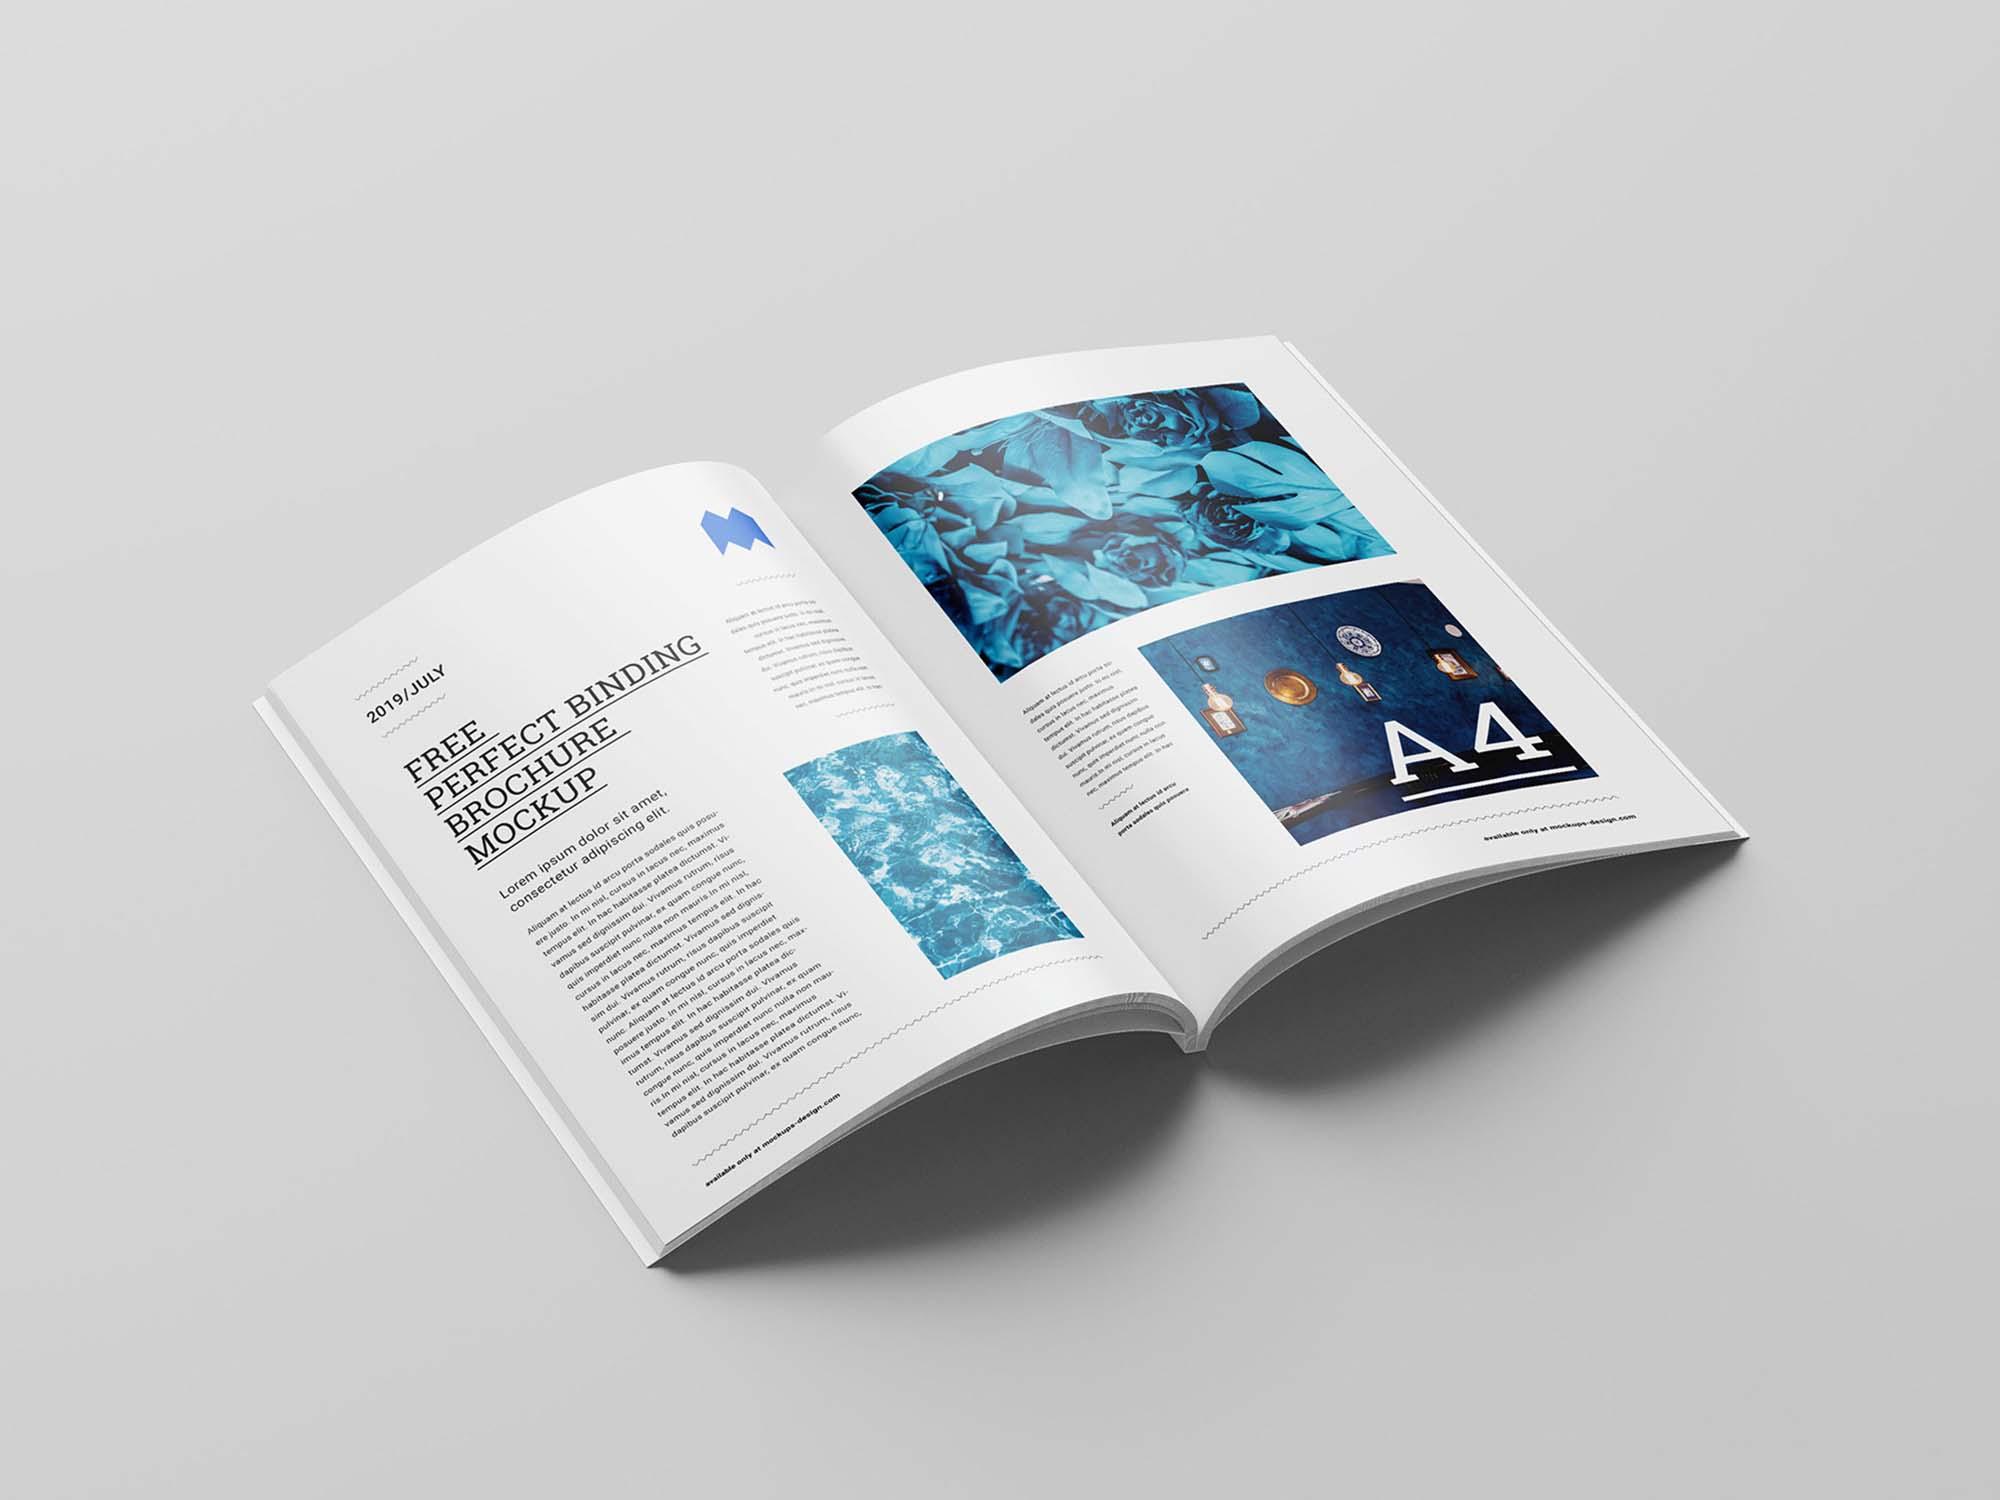 Perfect Binding Brochure Mockup 3